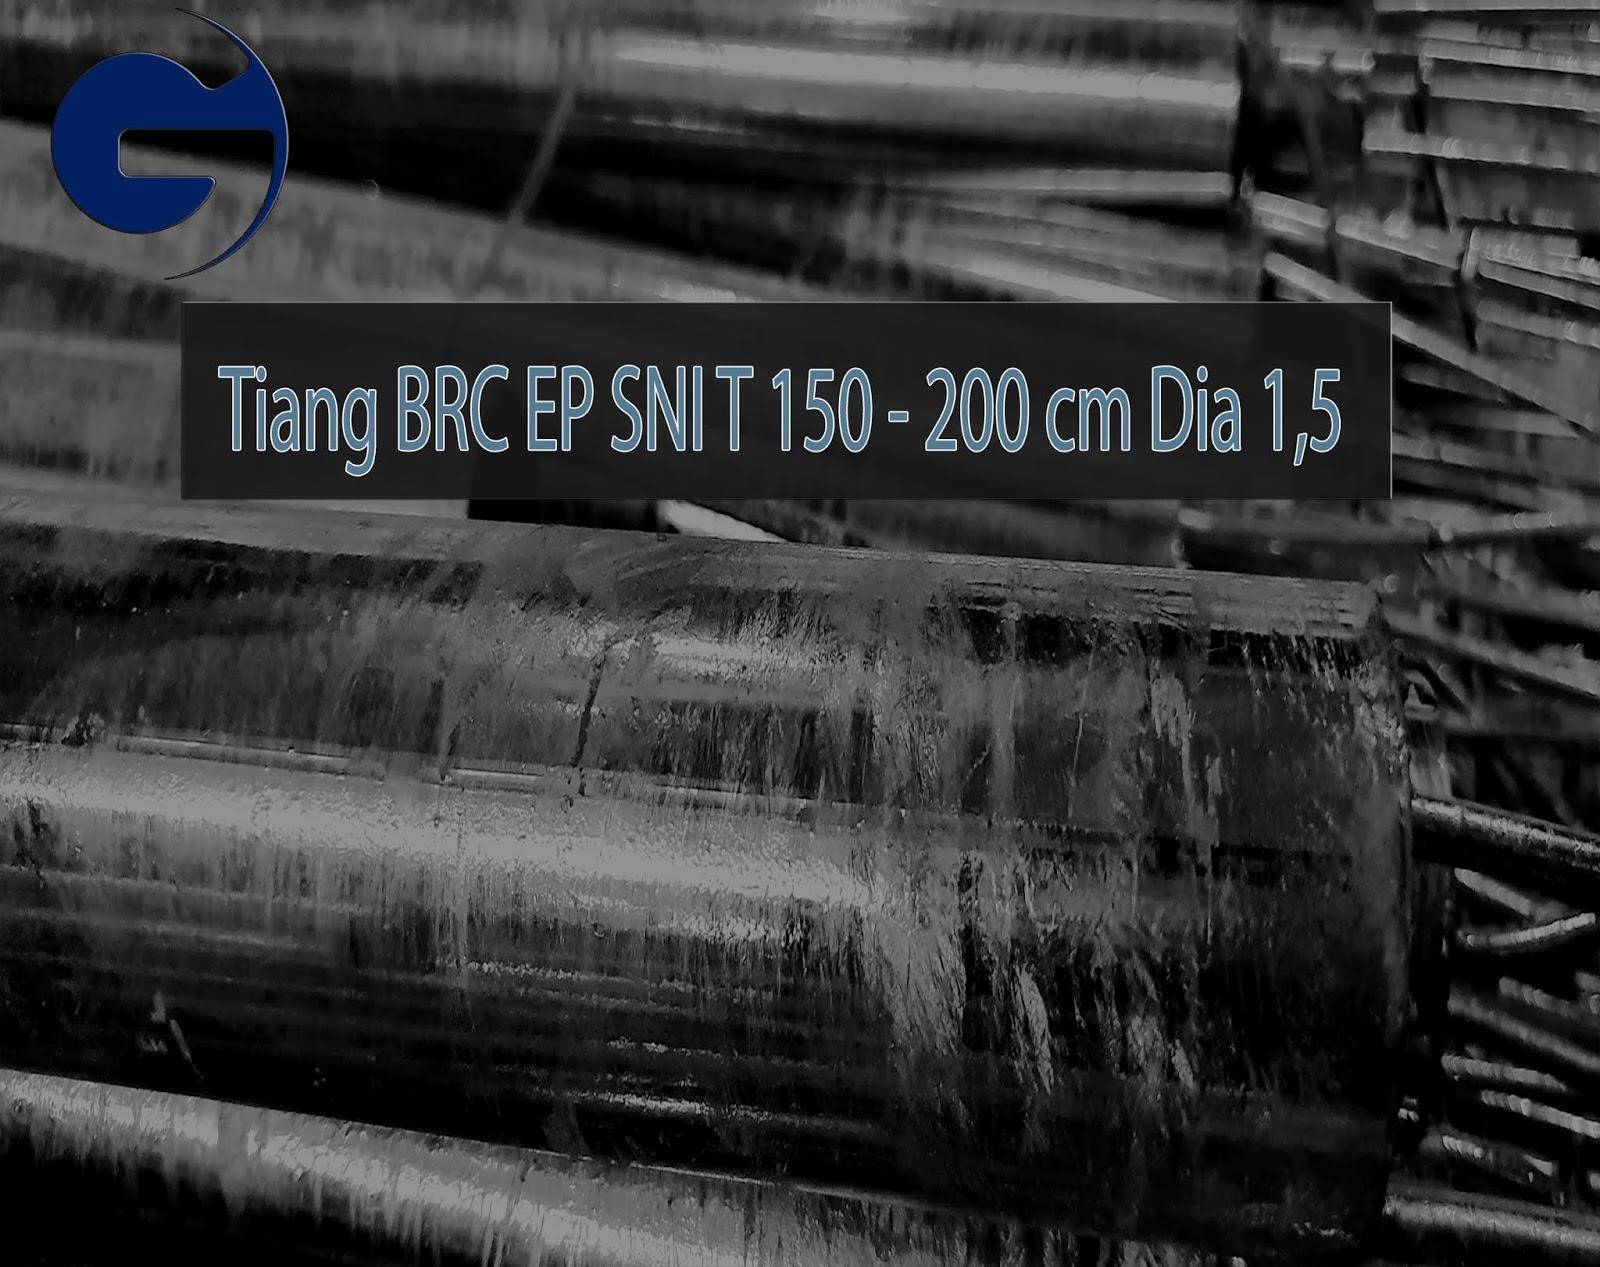 Jual Tiang BRC EP SNI T 200 CM Dia 1,5 Inch